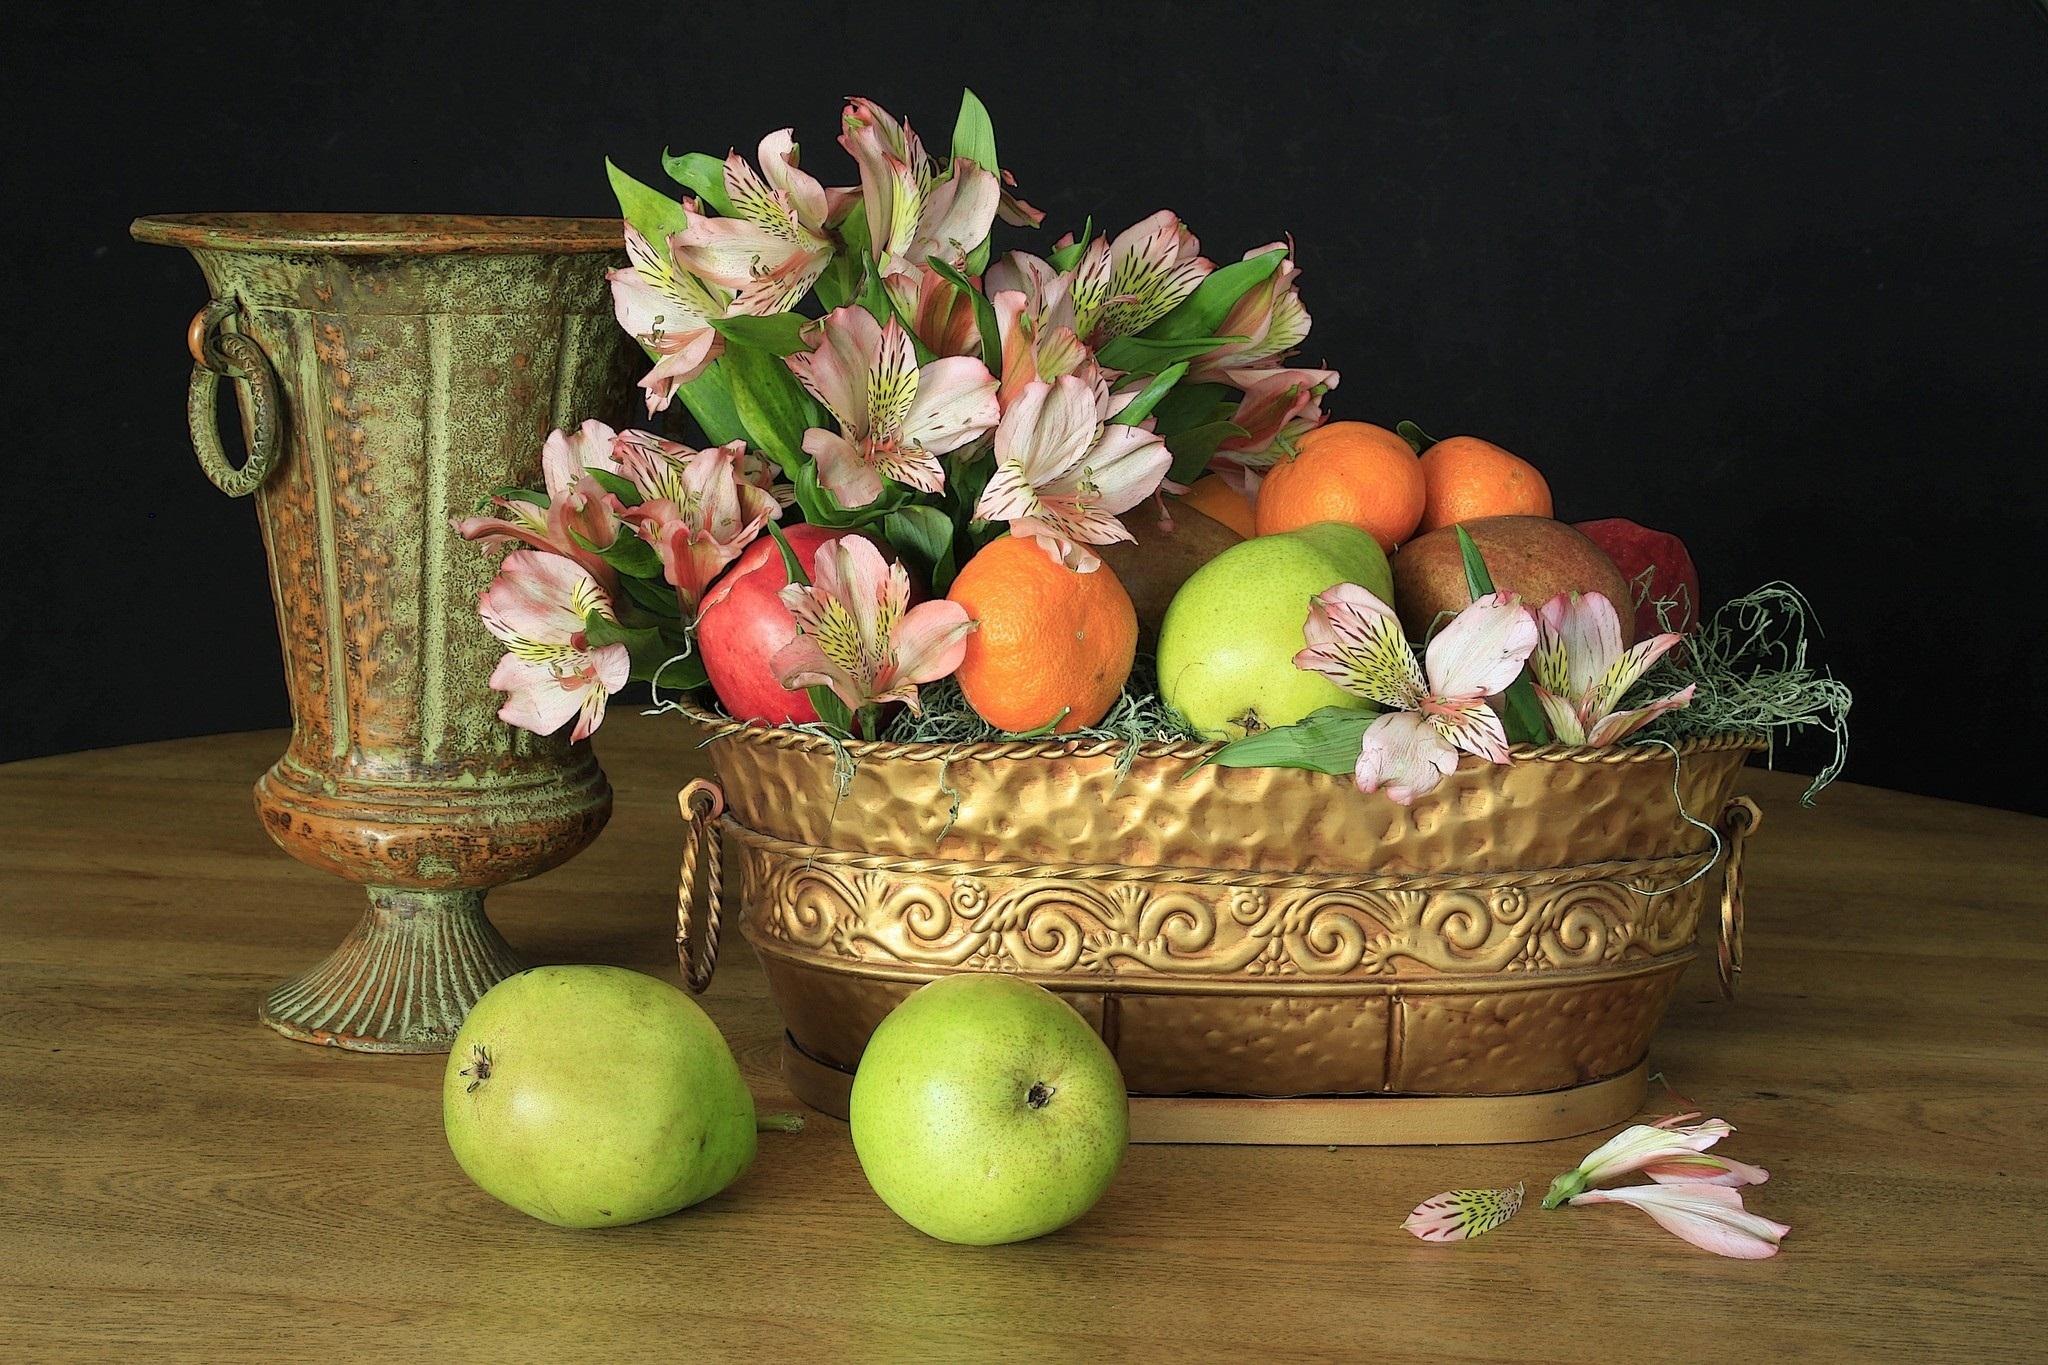 натюрморты с цветами и фруктами в фотографиях привлекает эффектный